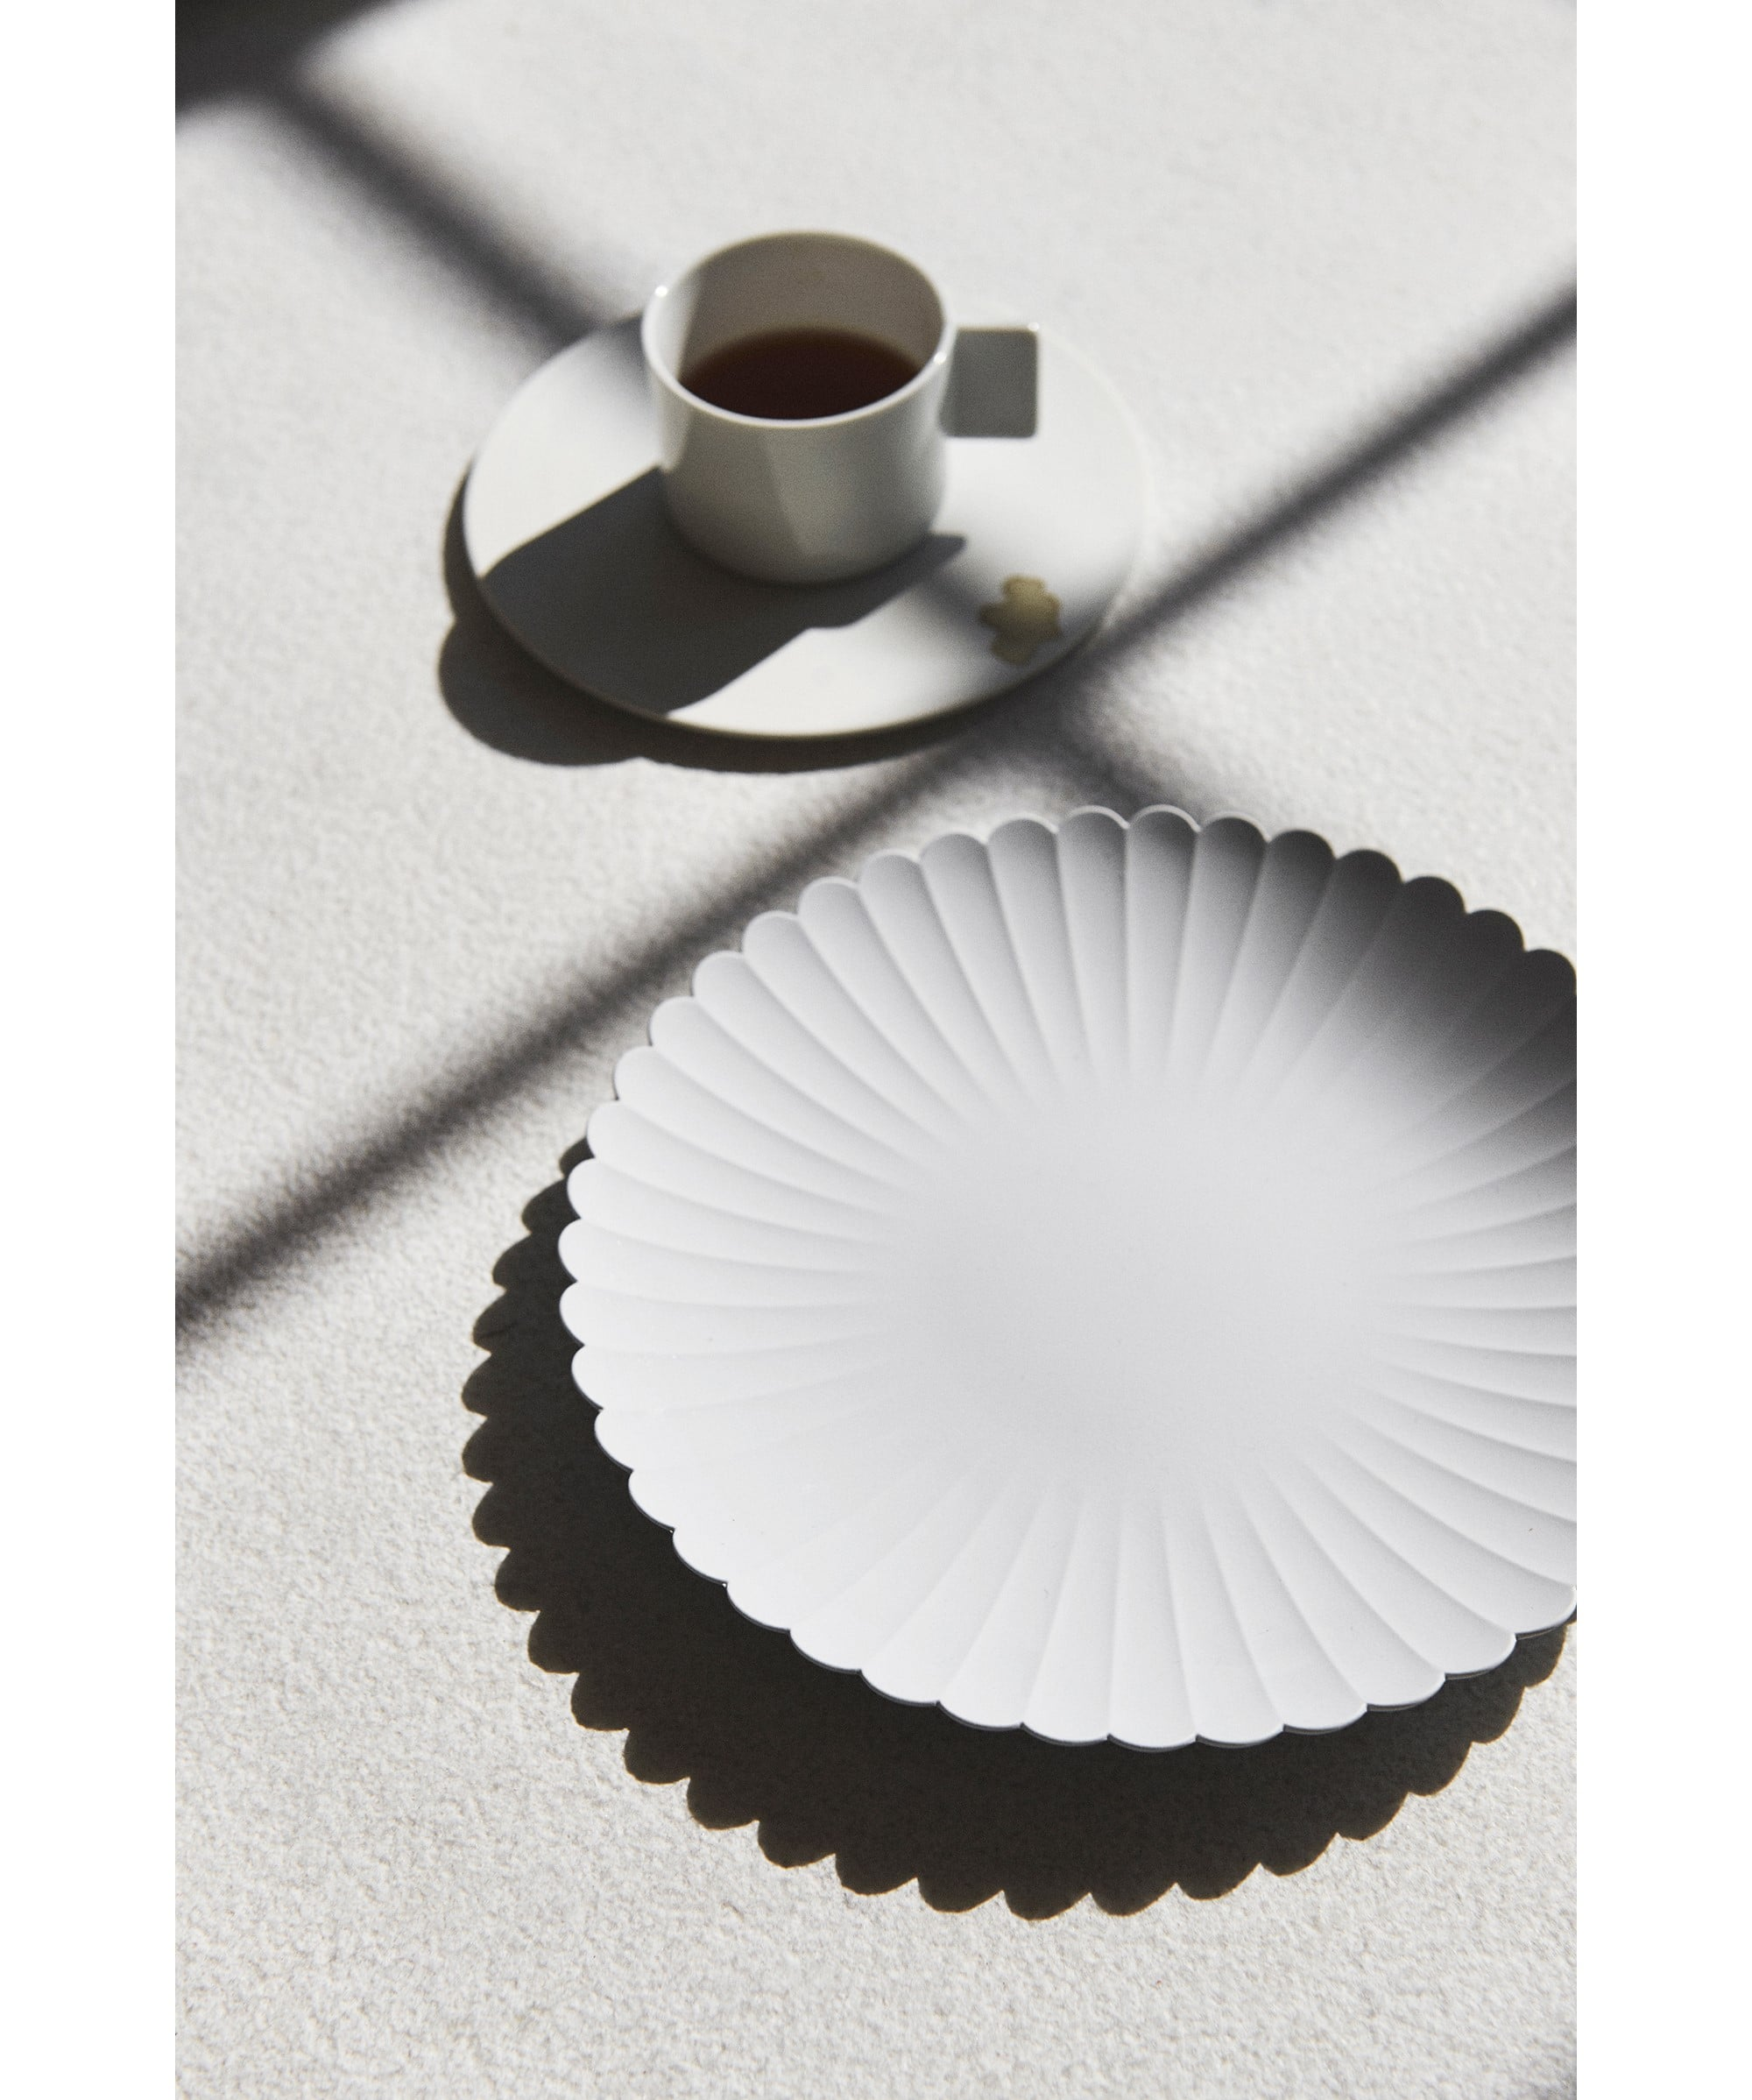 「1616 / arita japan」は、世界中の食卓で使われる商品・ブランド開発を目標に、デザイナーと職人のコラボレーションにより誕生した。